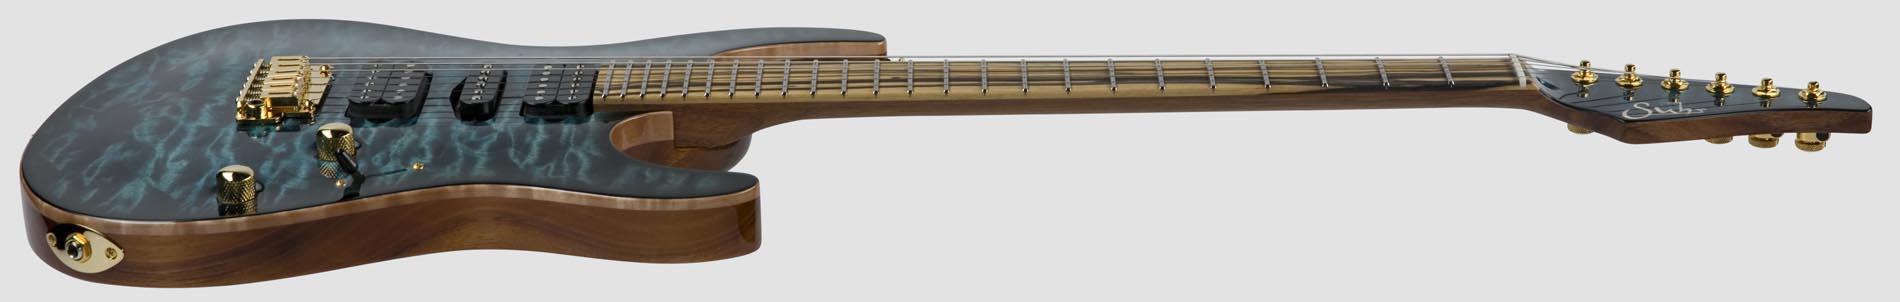 JS3C9A 005